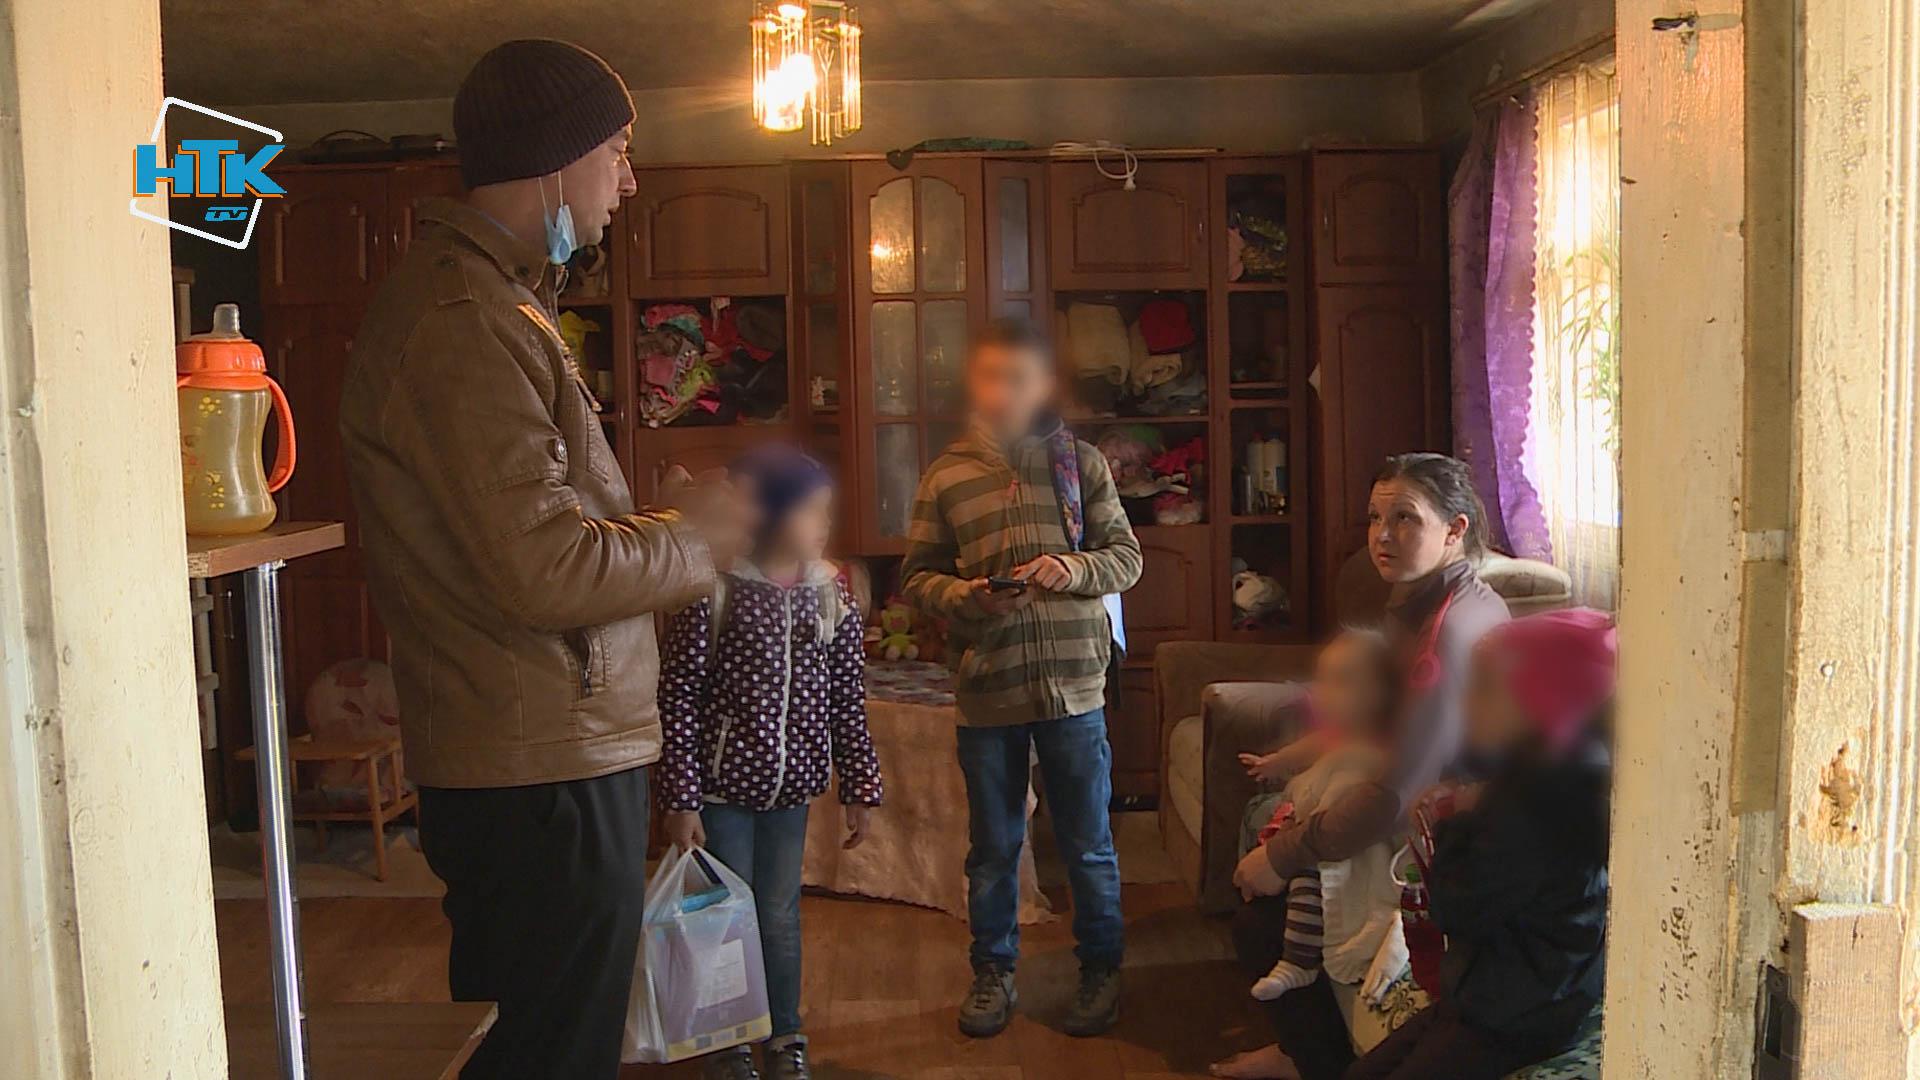 Алкоголь та бійки: чотирьох занедбаних дітей забрали від батьків на Коломийщині (ВІДЕО)